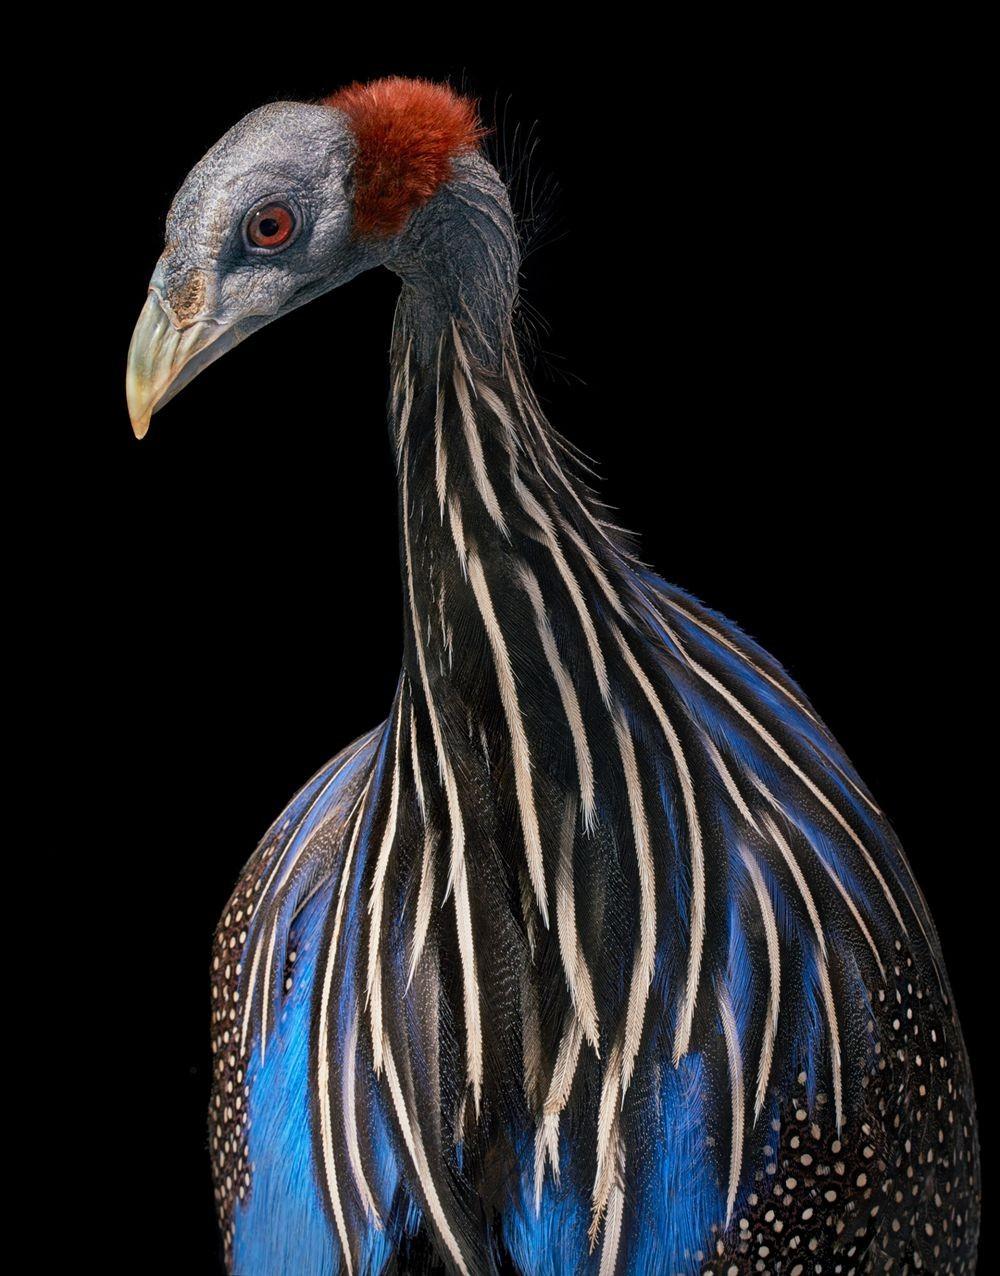 蒂姆.弗拉奇对鸟类的大胆精妙拍摄_图1-3